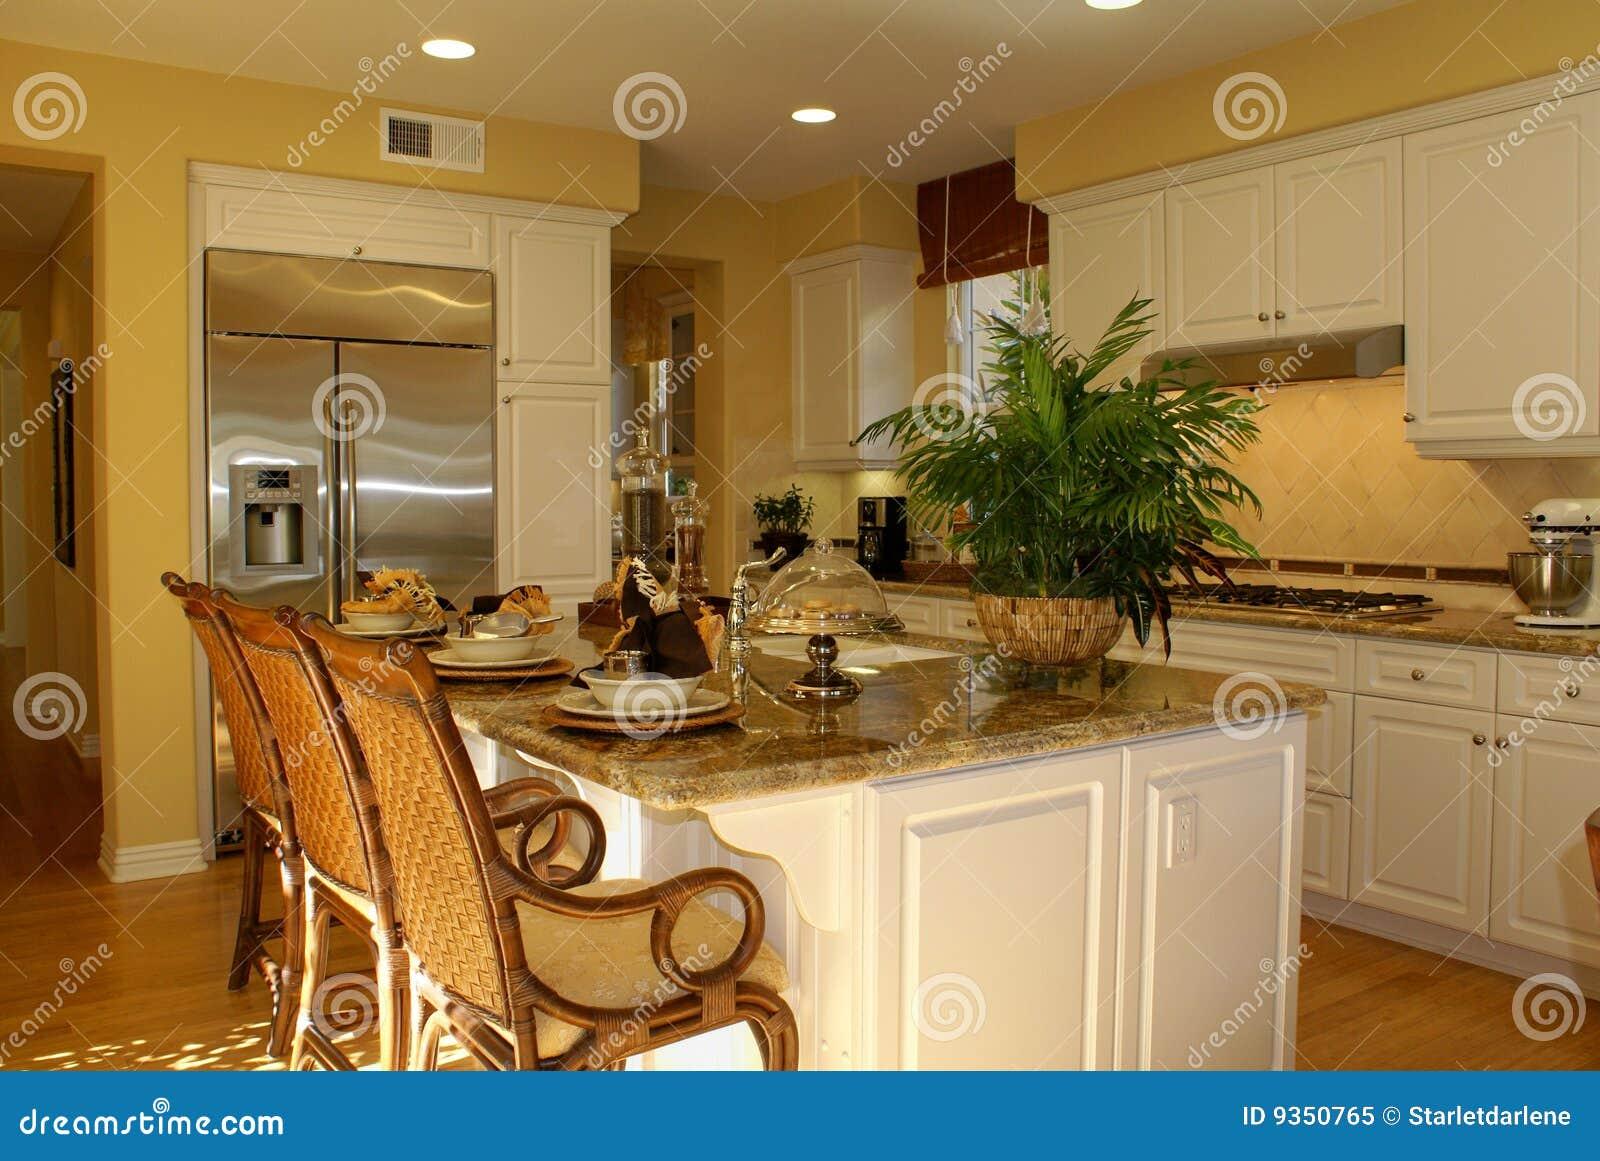 Cucina Gialla Piena Di Sole Con I Pavimenti Di Legno E Gli Armadietti  #724512 1300 960 Armadietti Da Cucina